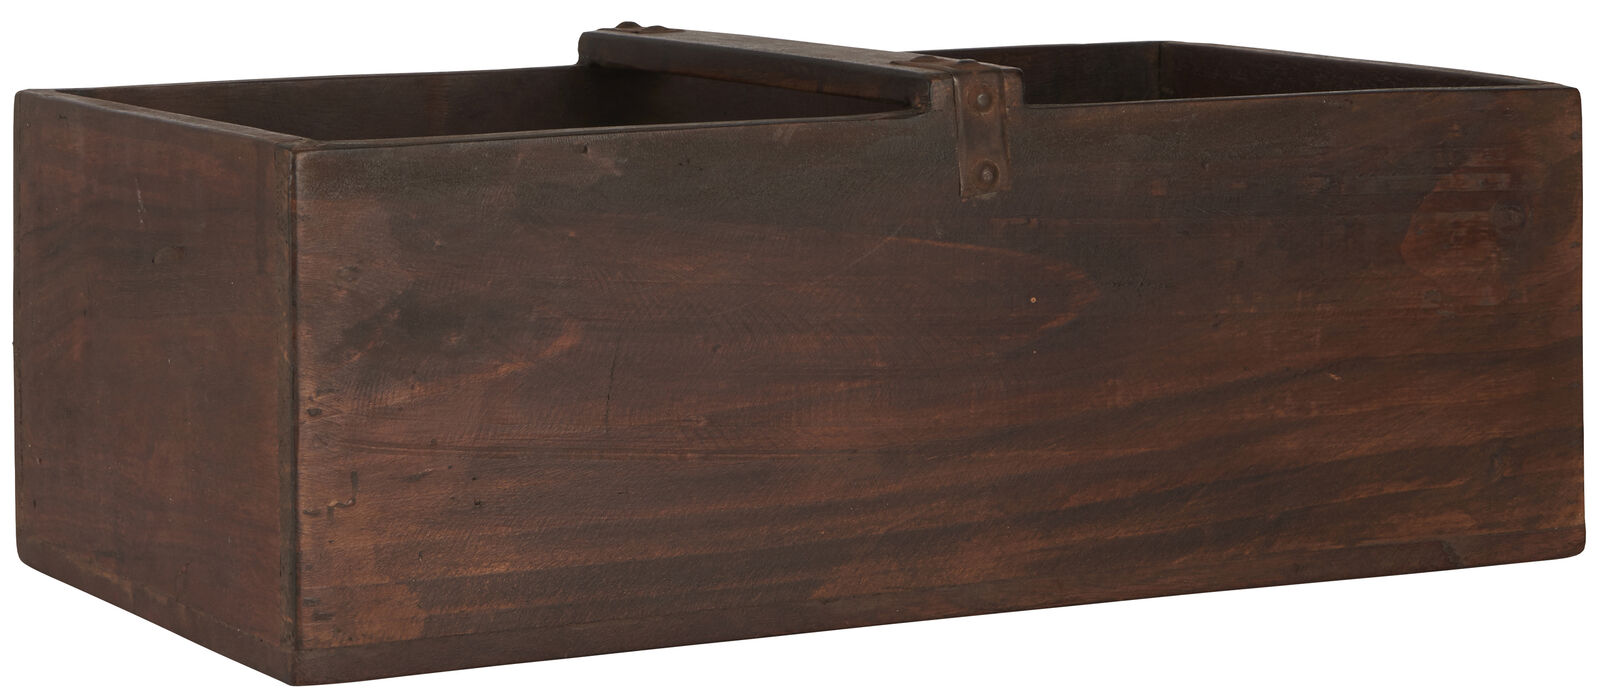 IB larsen SCATOLA CON MANICO UNIKA legno pezzo unico cassa di legno 30x50 cm legno riciclaggio